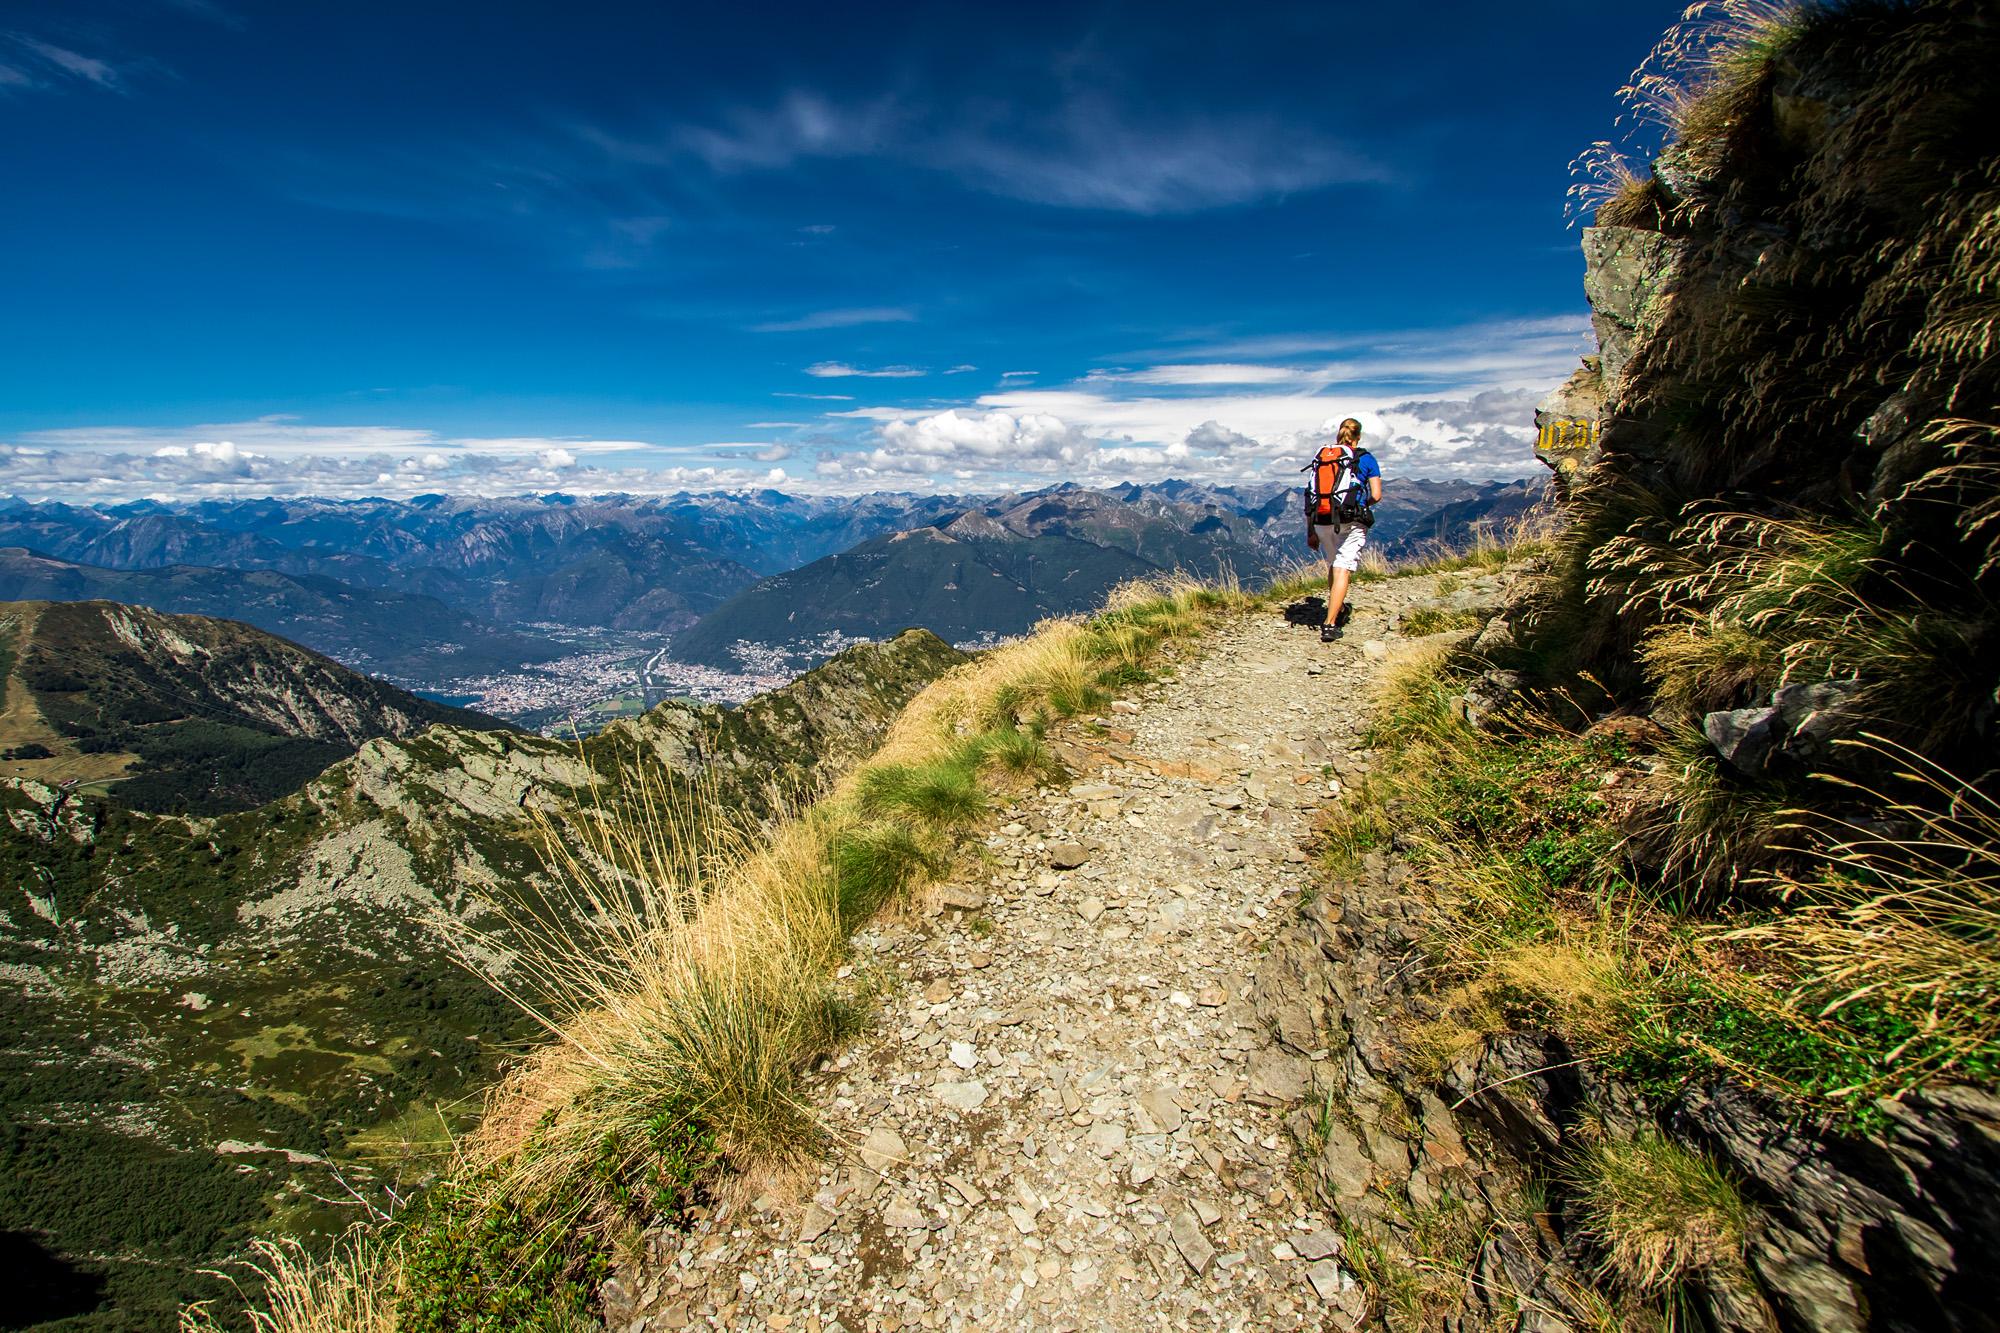 Wanderung über den Monte Tamaro - ausgehend natürlich vom Postauto-Netz!